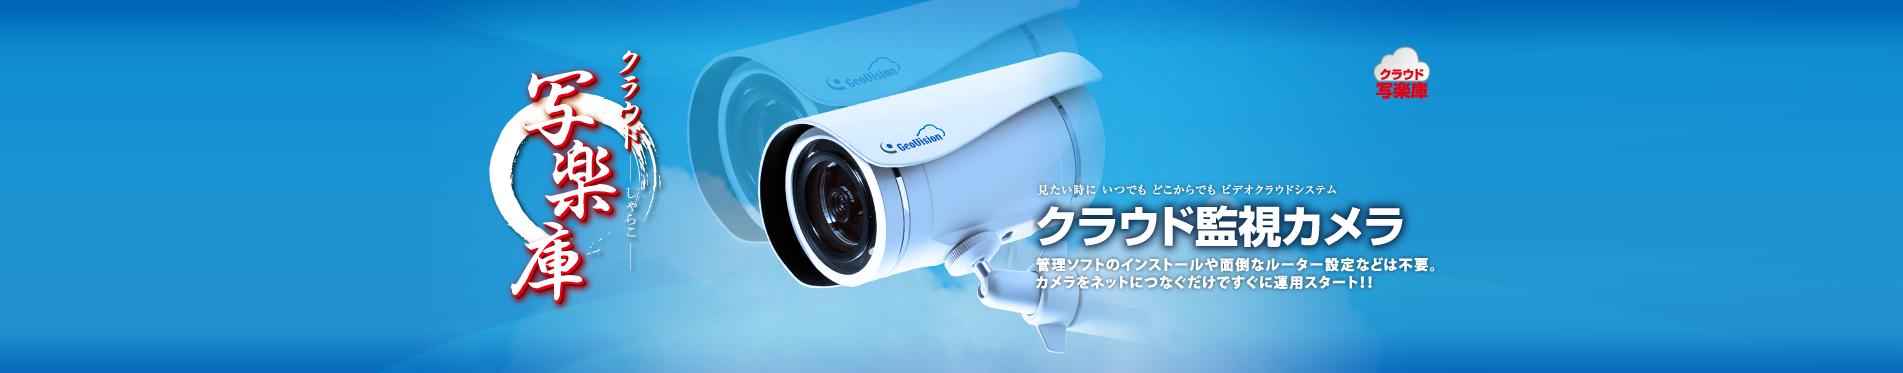 クラウド監視カメラ